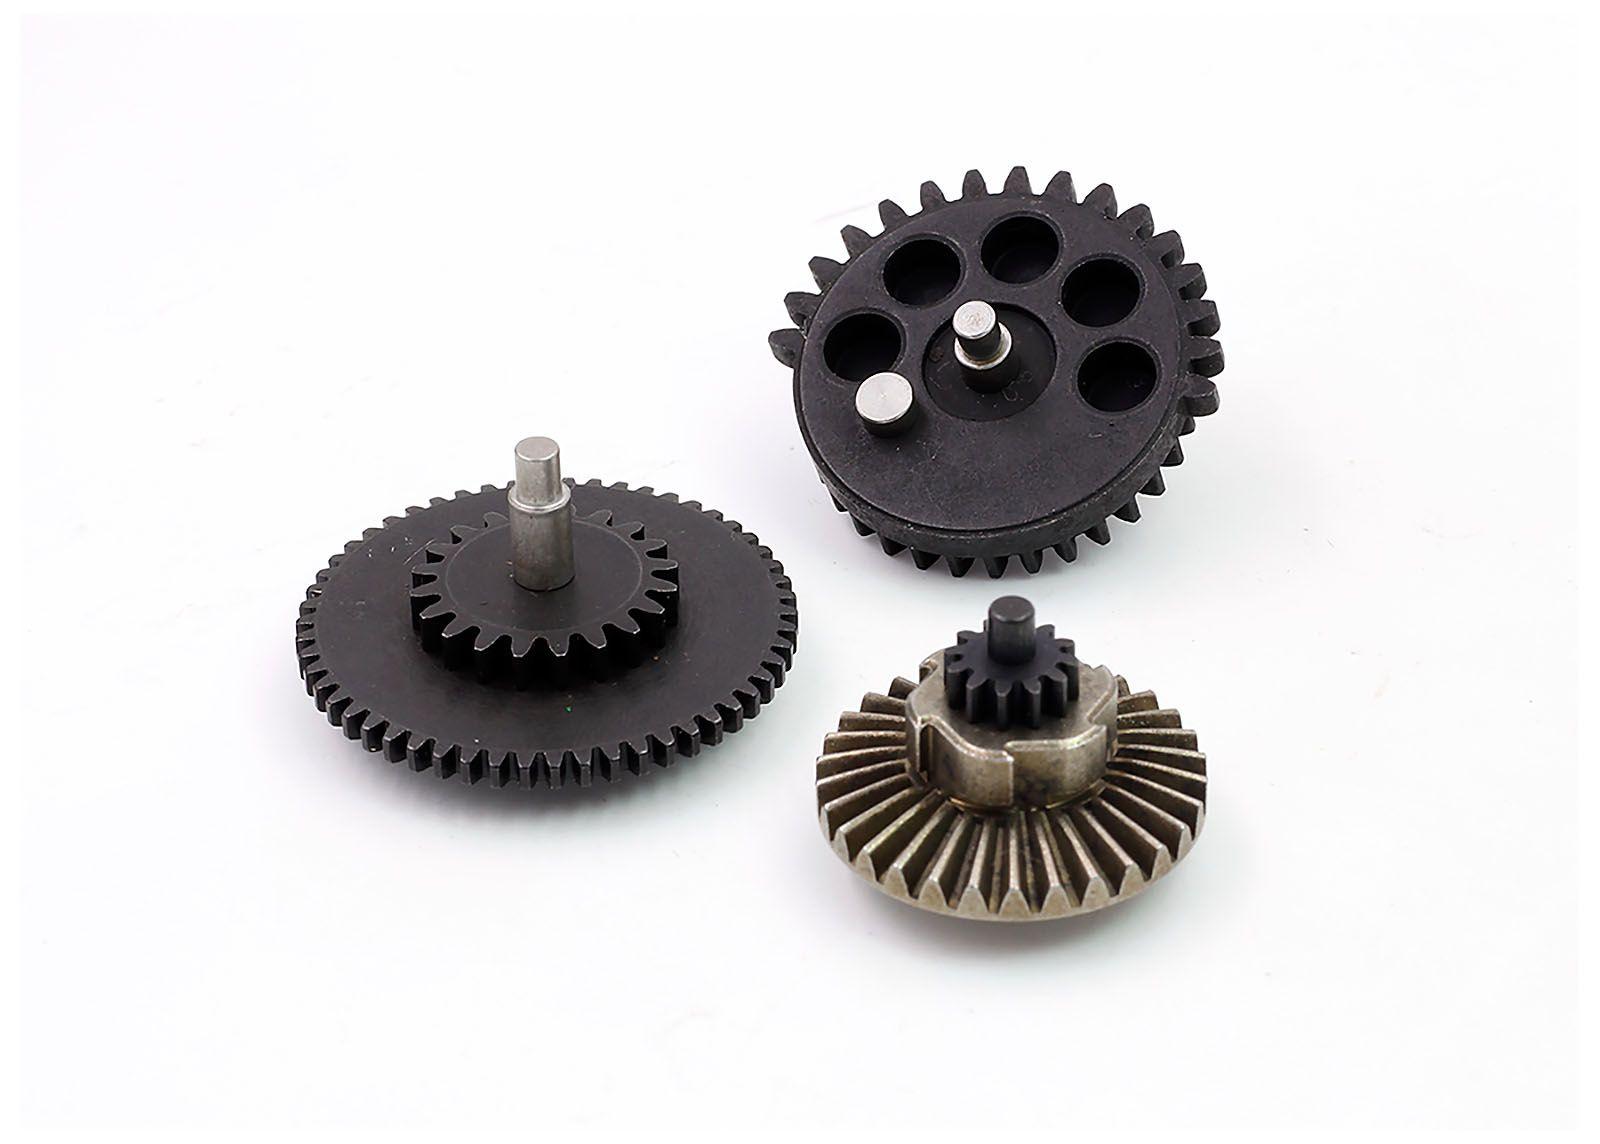 Kit de engrenagens em metal Torque 21.6:1 (V2 / V3 / V6) - Modify